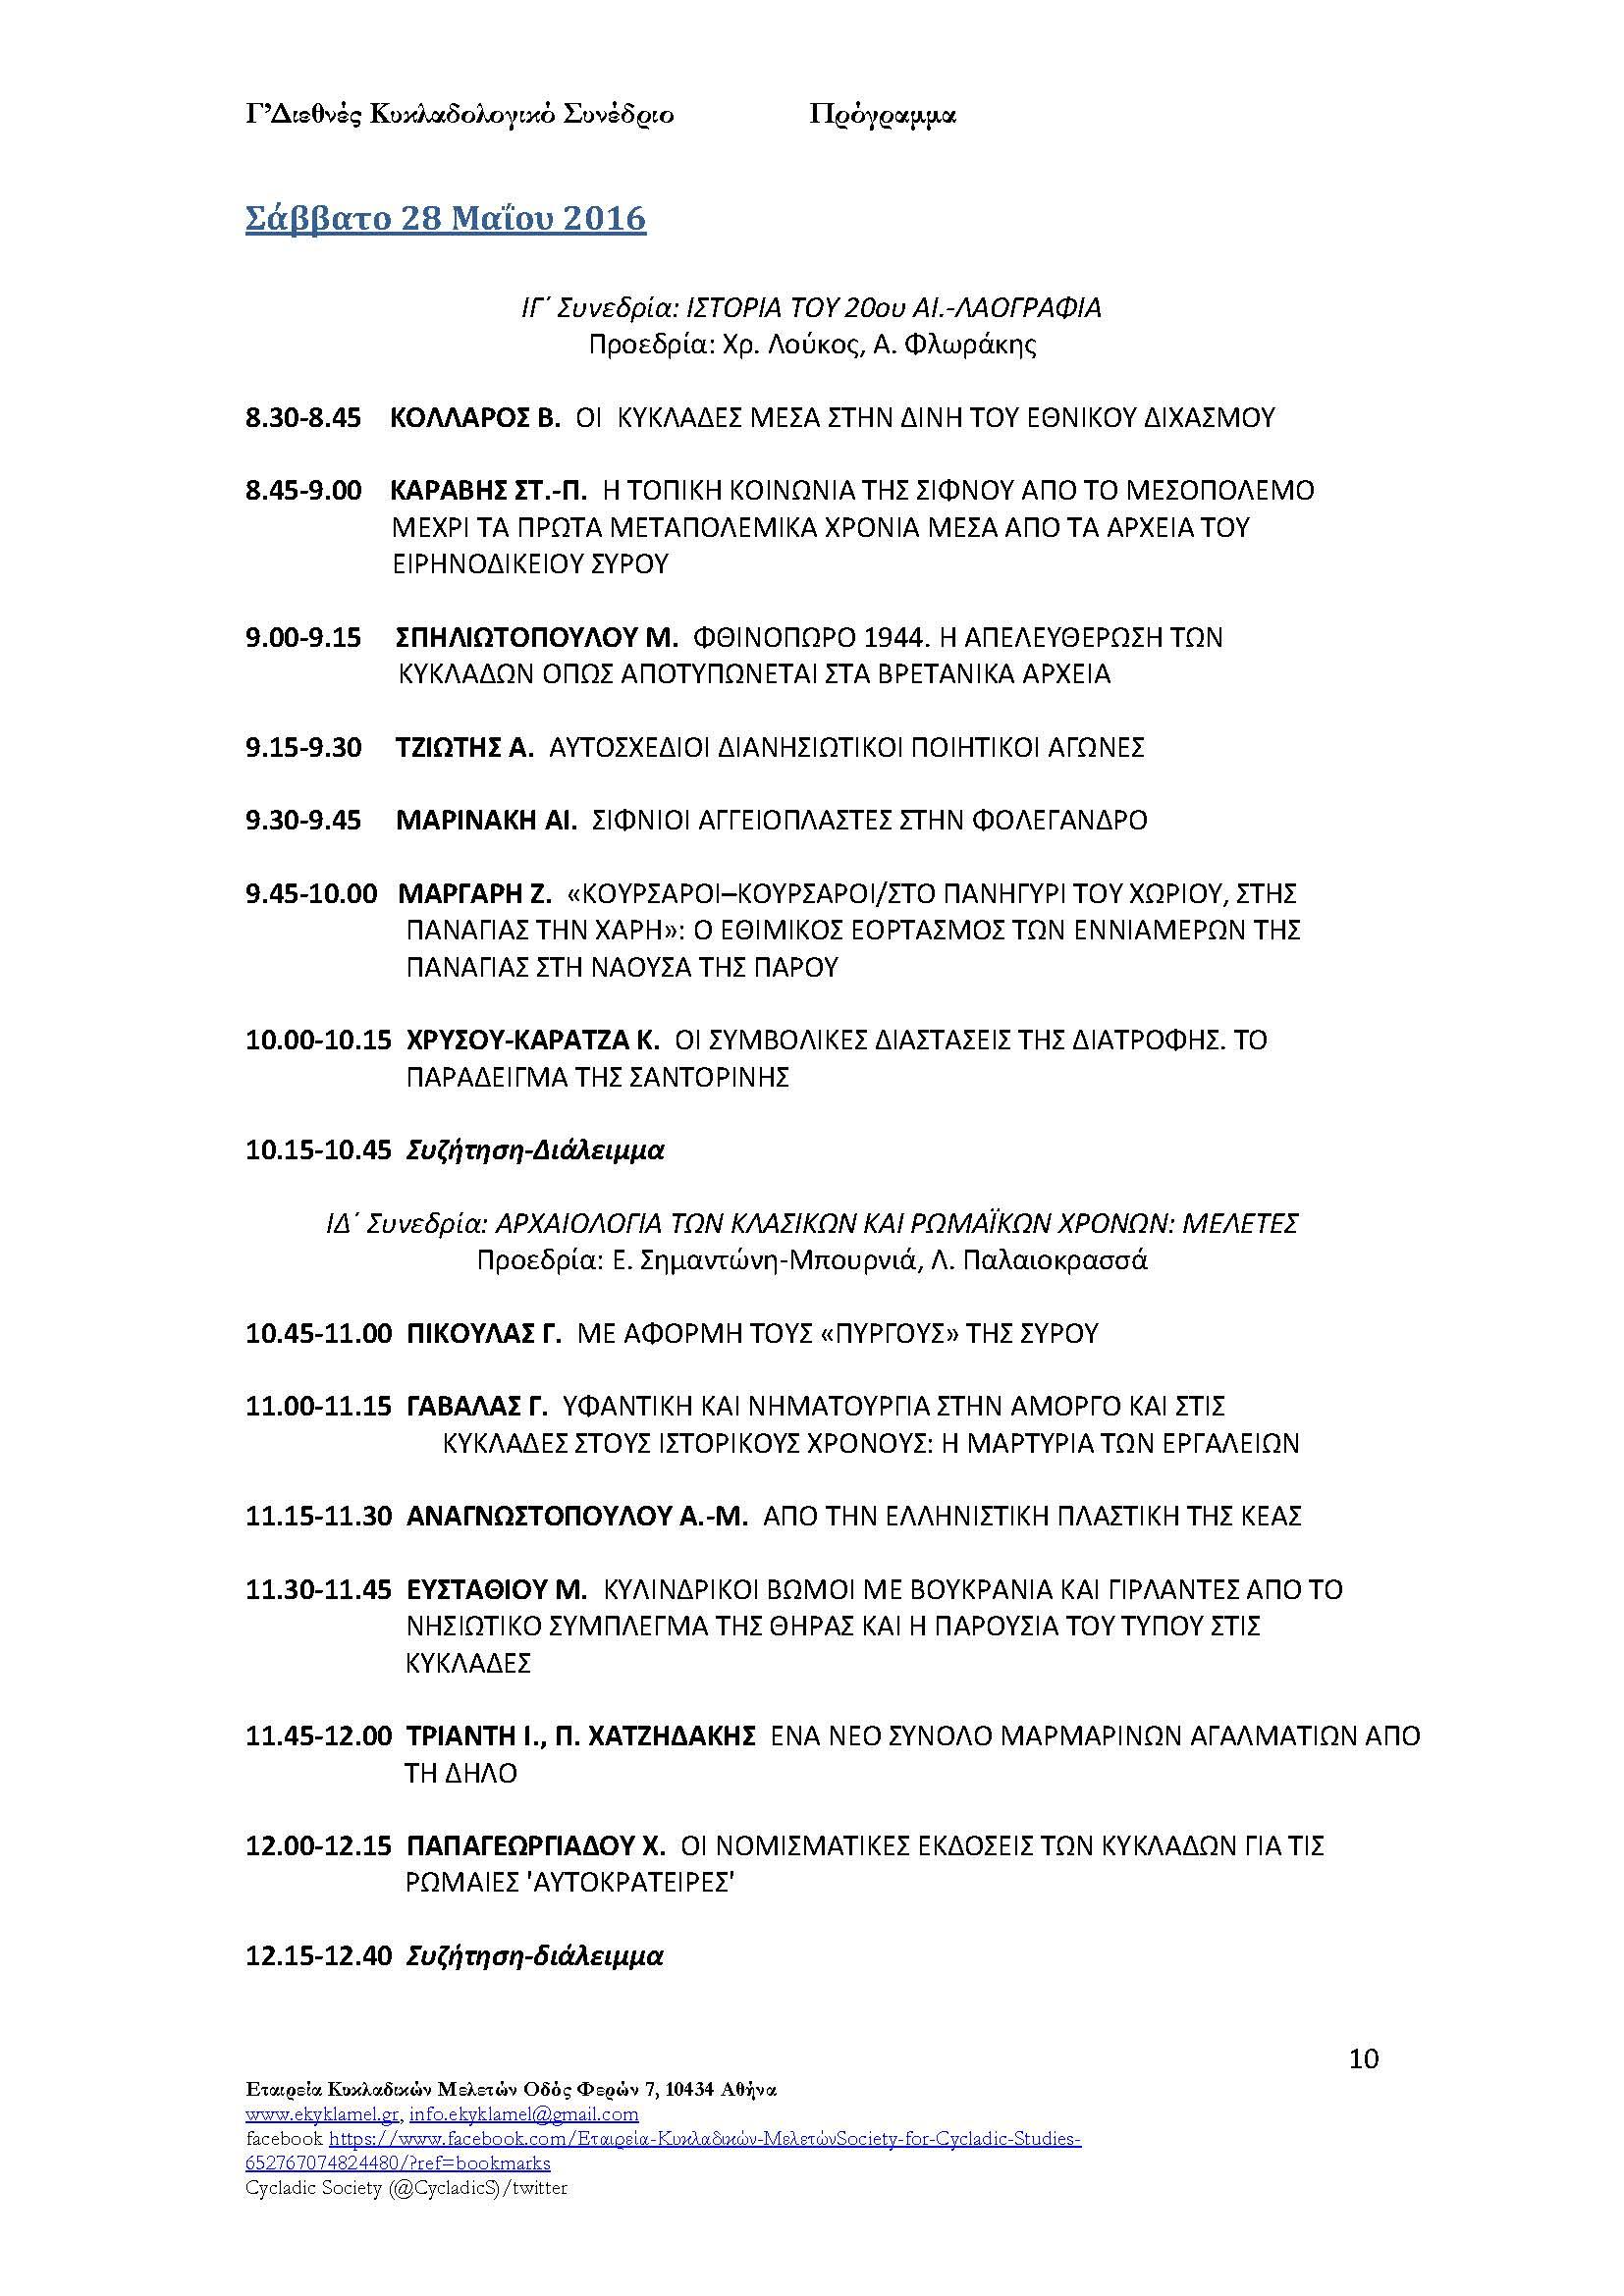 πρόγραμμα Γ' Κυκλαδολογικού Συνεδρίου (1)_Page_10